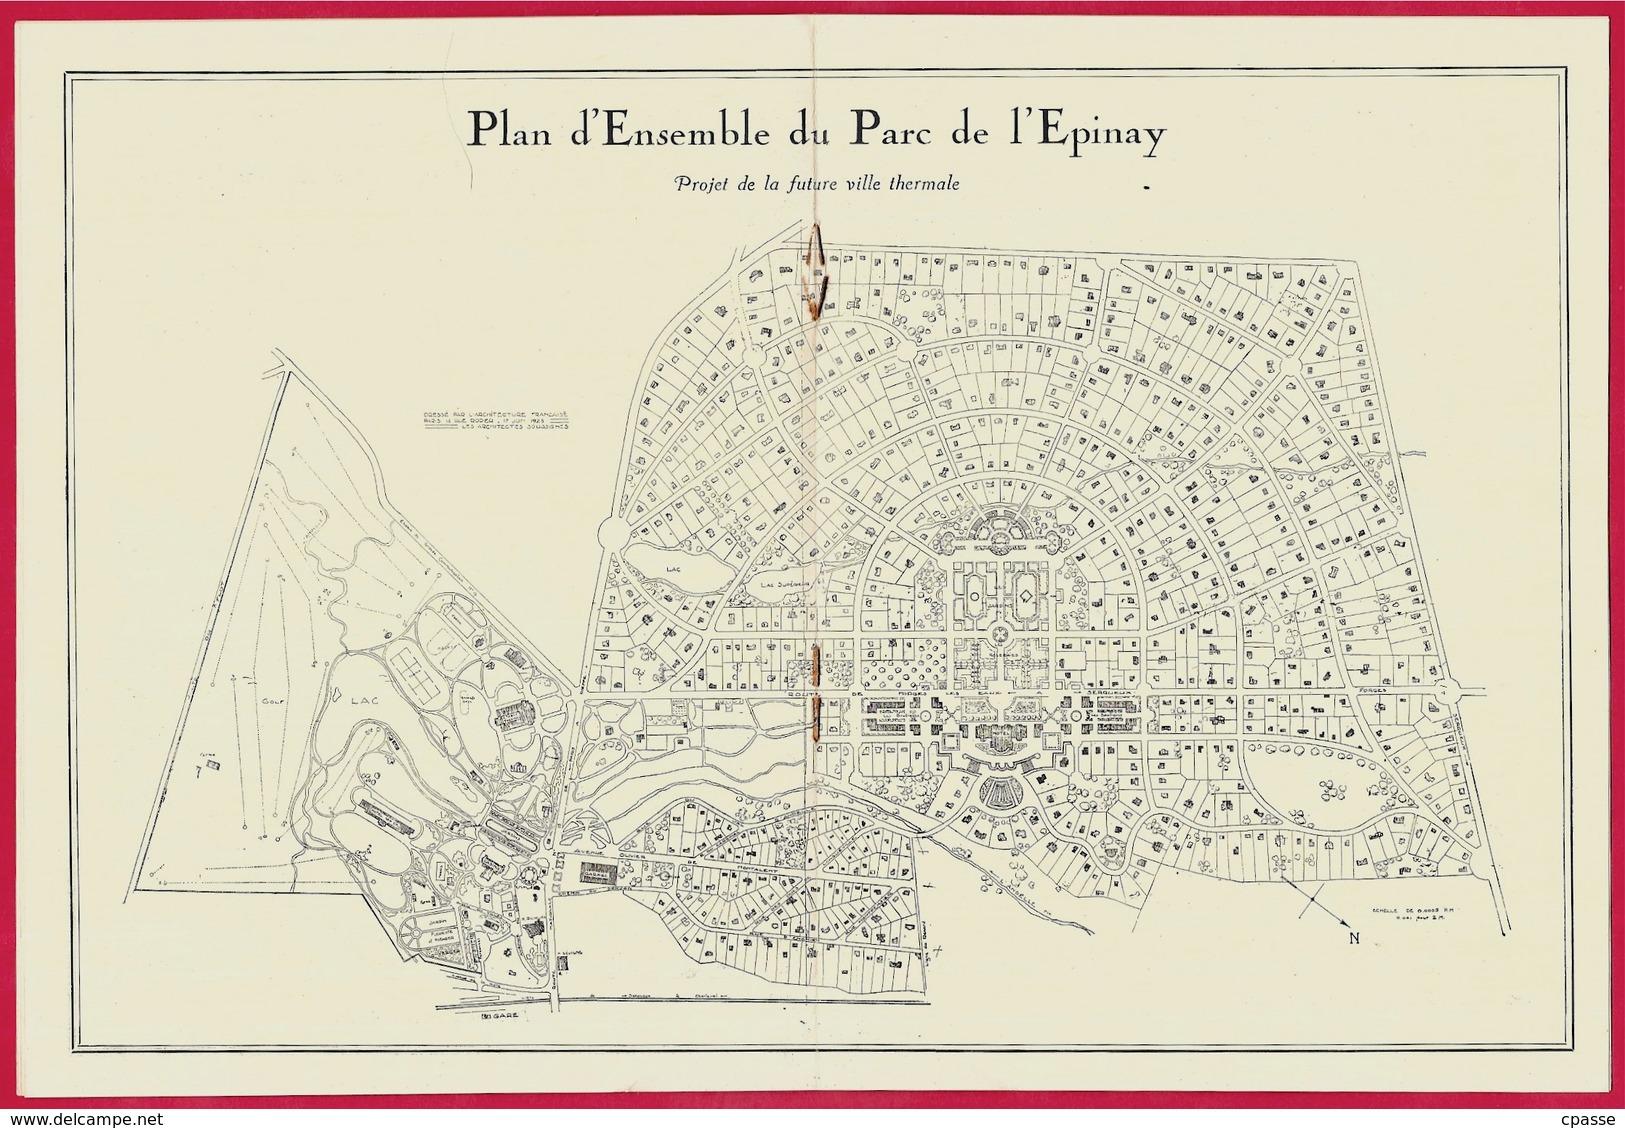 Fascicule Publicitaire Sur La STATION THERMALE De 76 FORGES-les-EAUX Avec Plan Du Parc De L'Epinay ...(Tous Les Scans) - Vieux Papiers